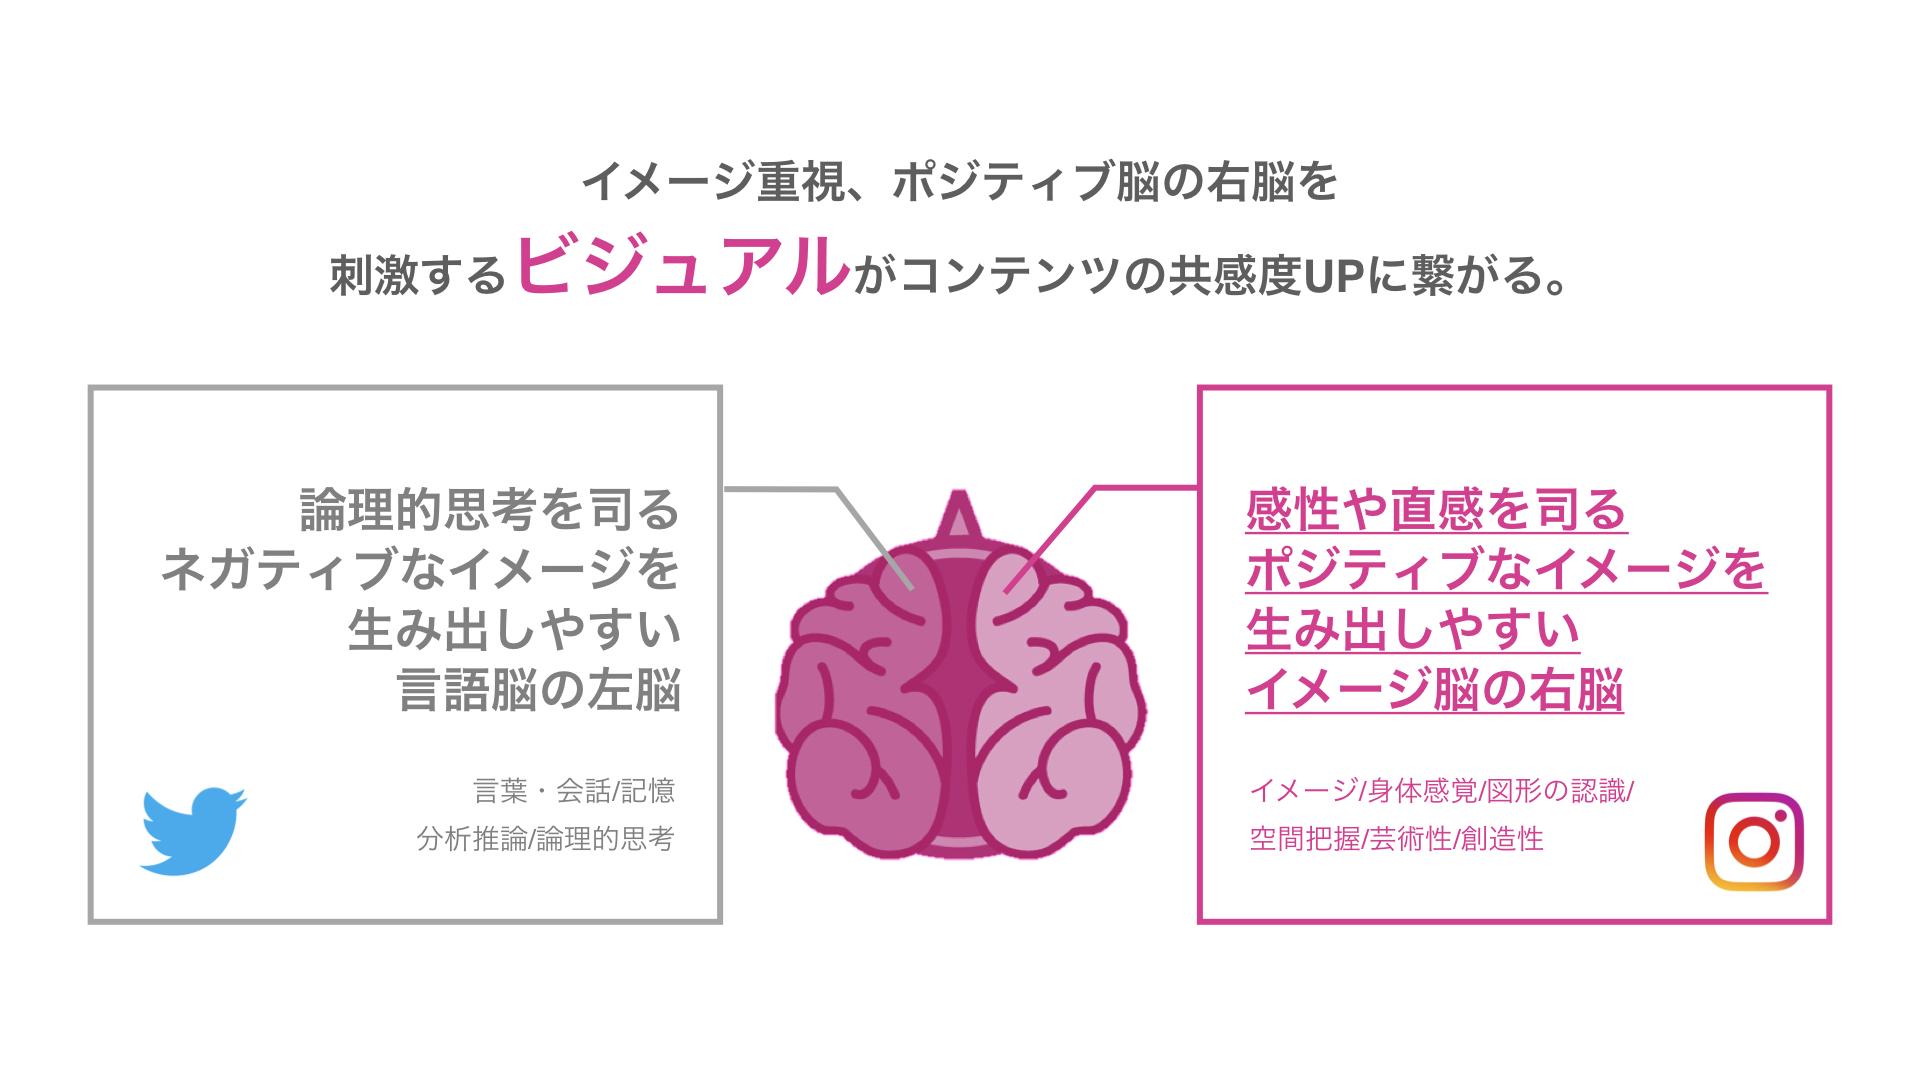 instagram_1_資料_最終.004.jpeg